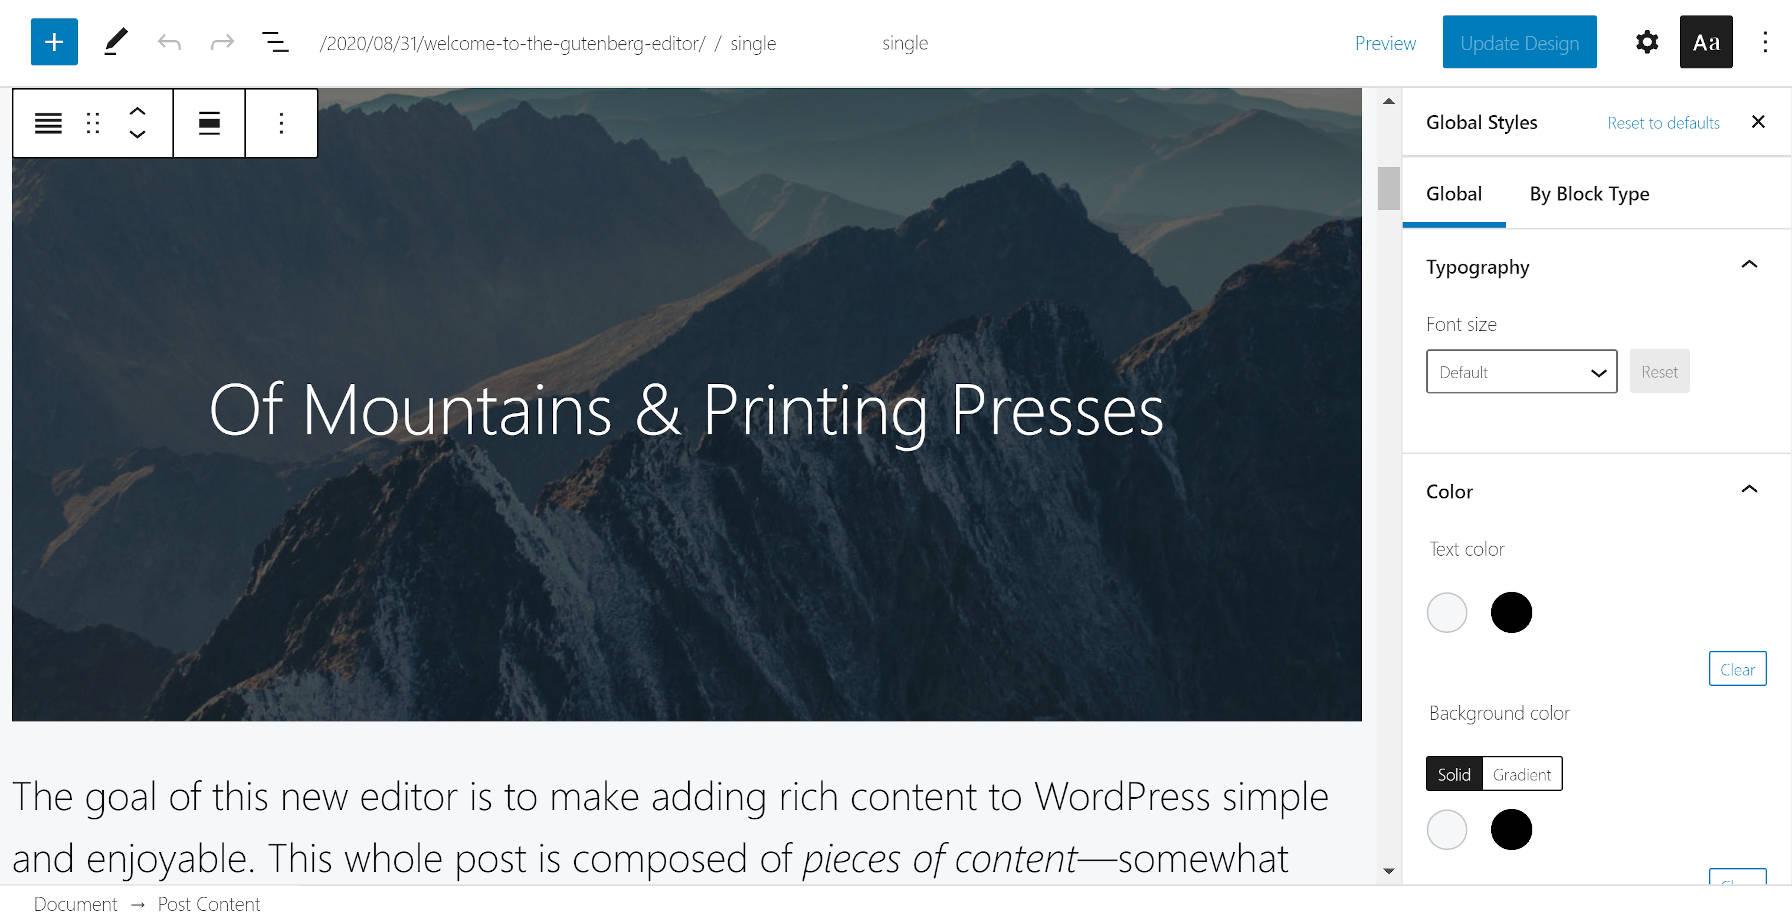 使用q-wordpress主题探索整个站点编辑使用Q WordPress主题探索全站点编辑